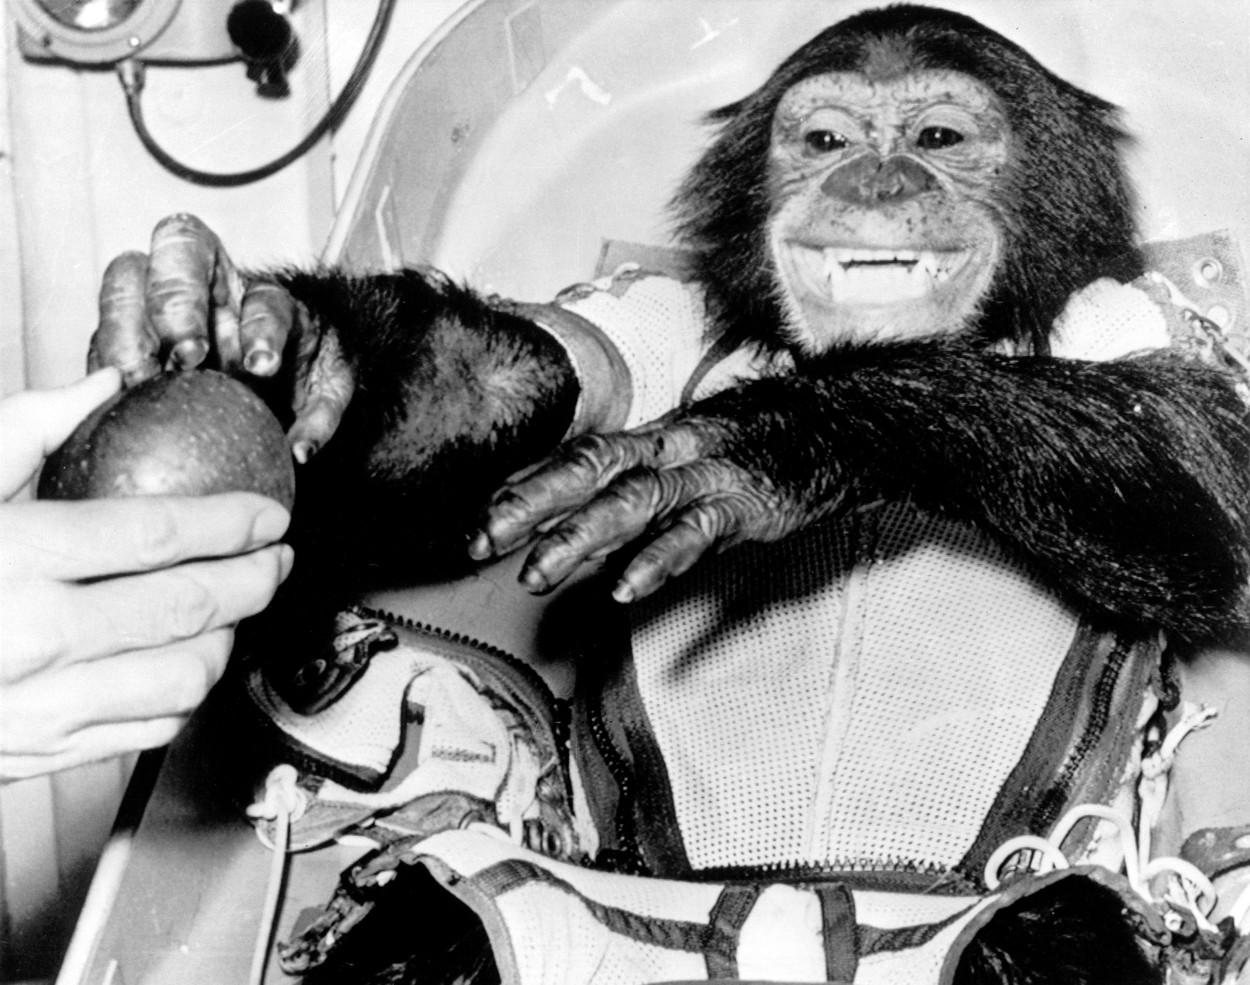 Ham simpanc astronaut